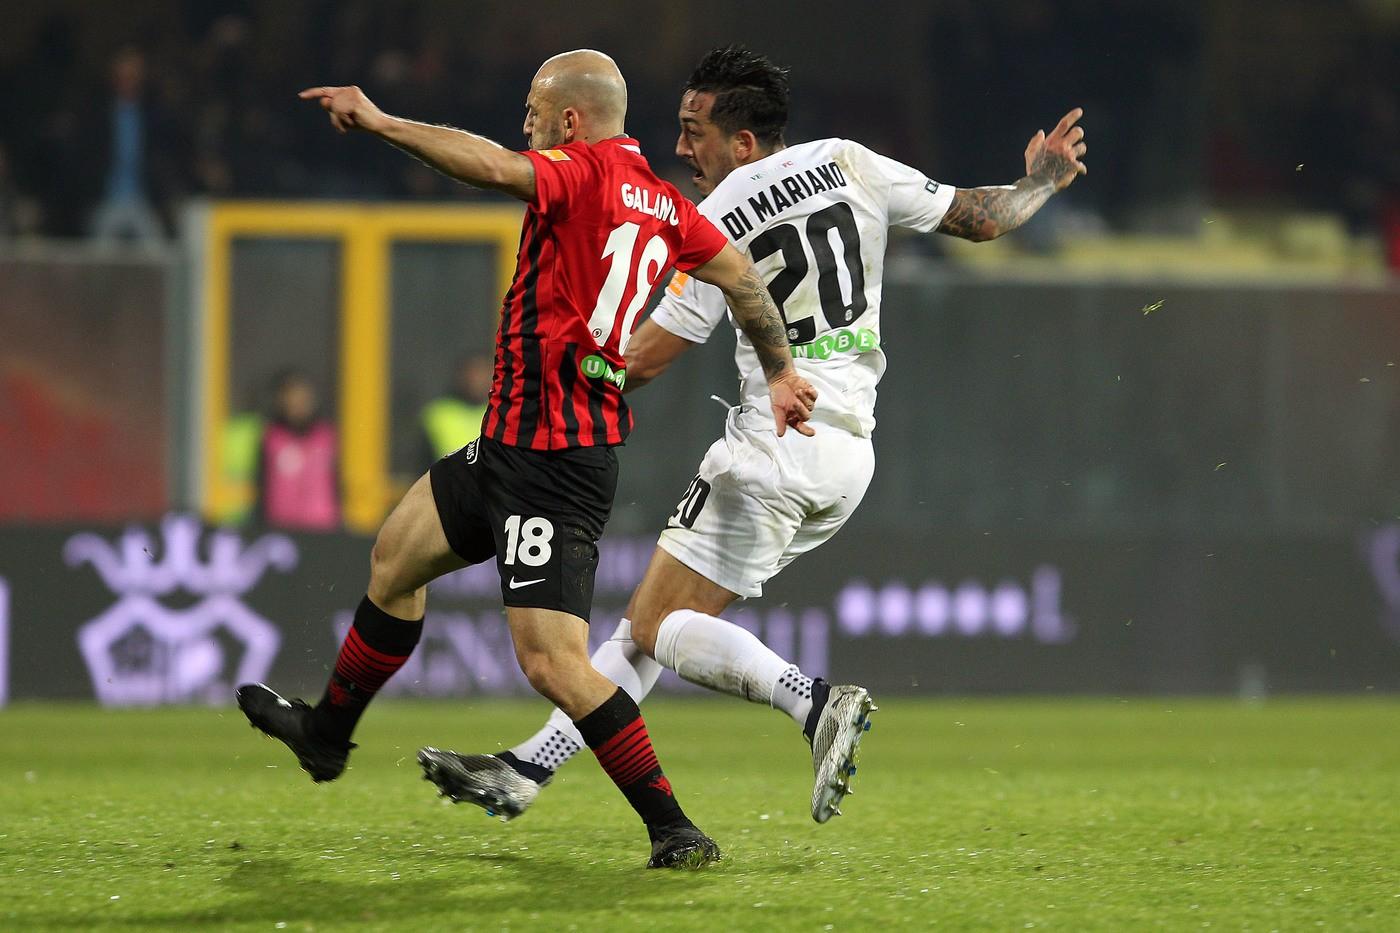 Donato Fasano/LaPresse